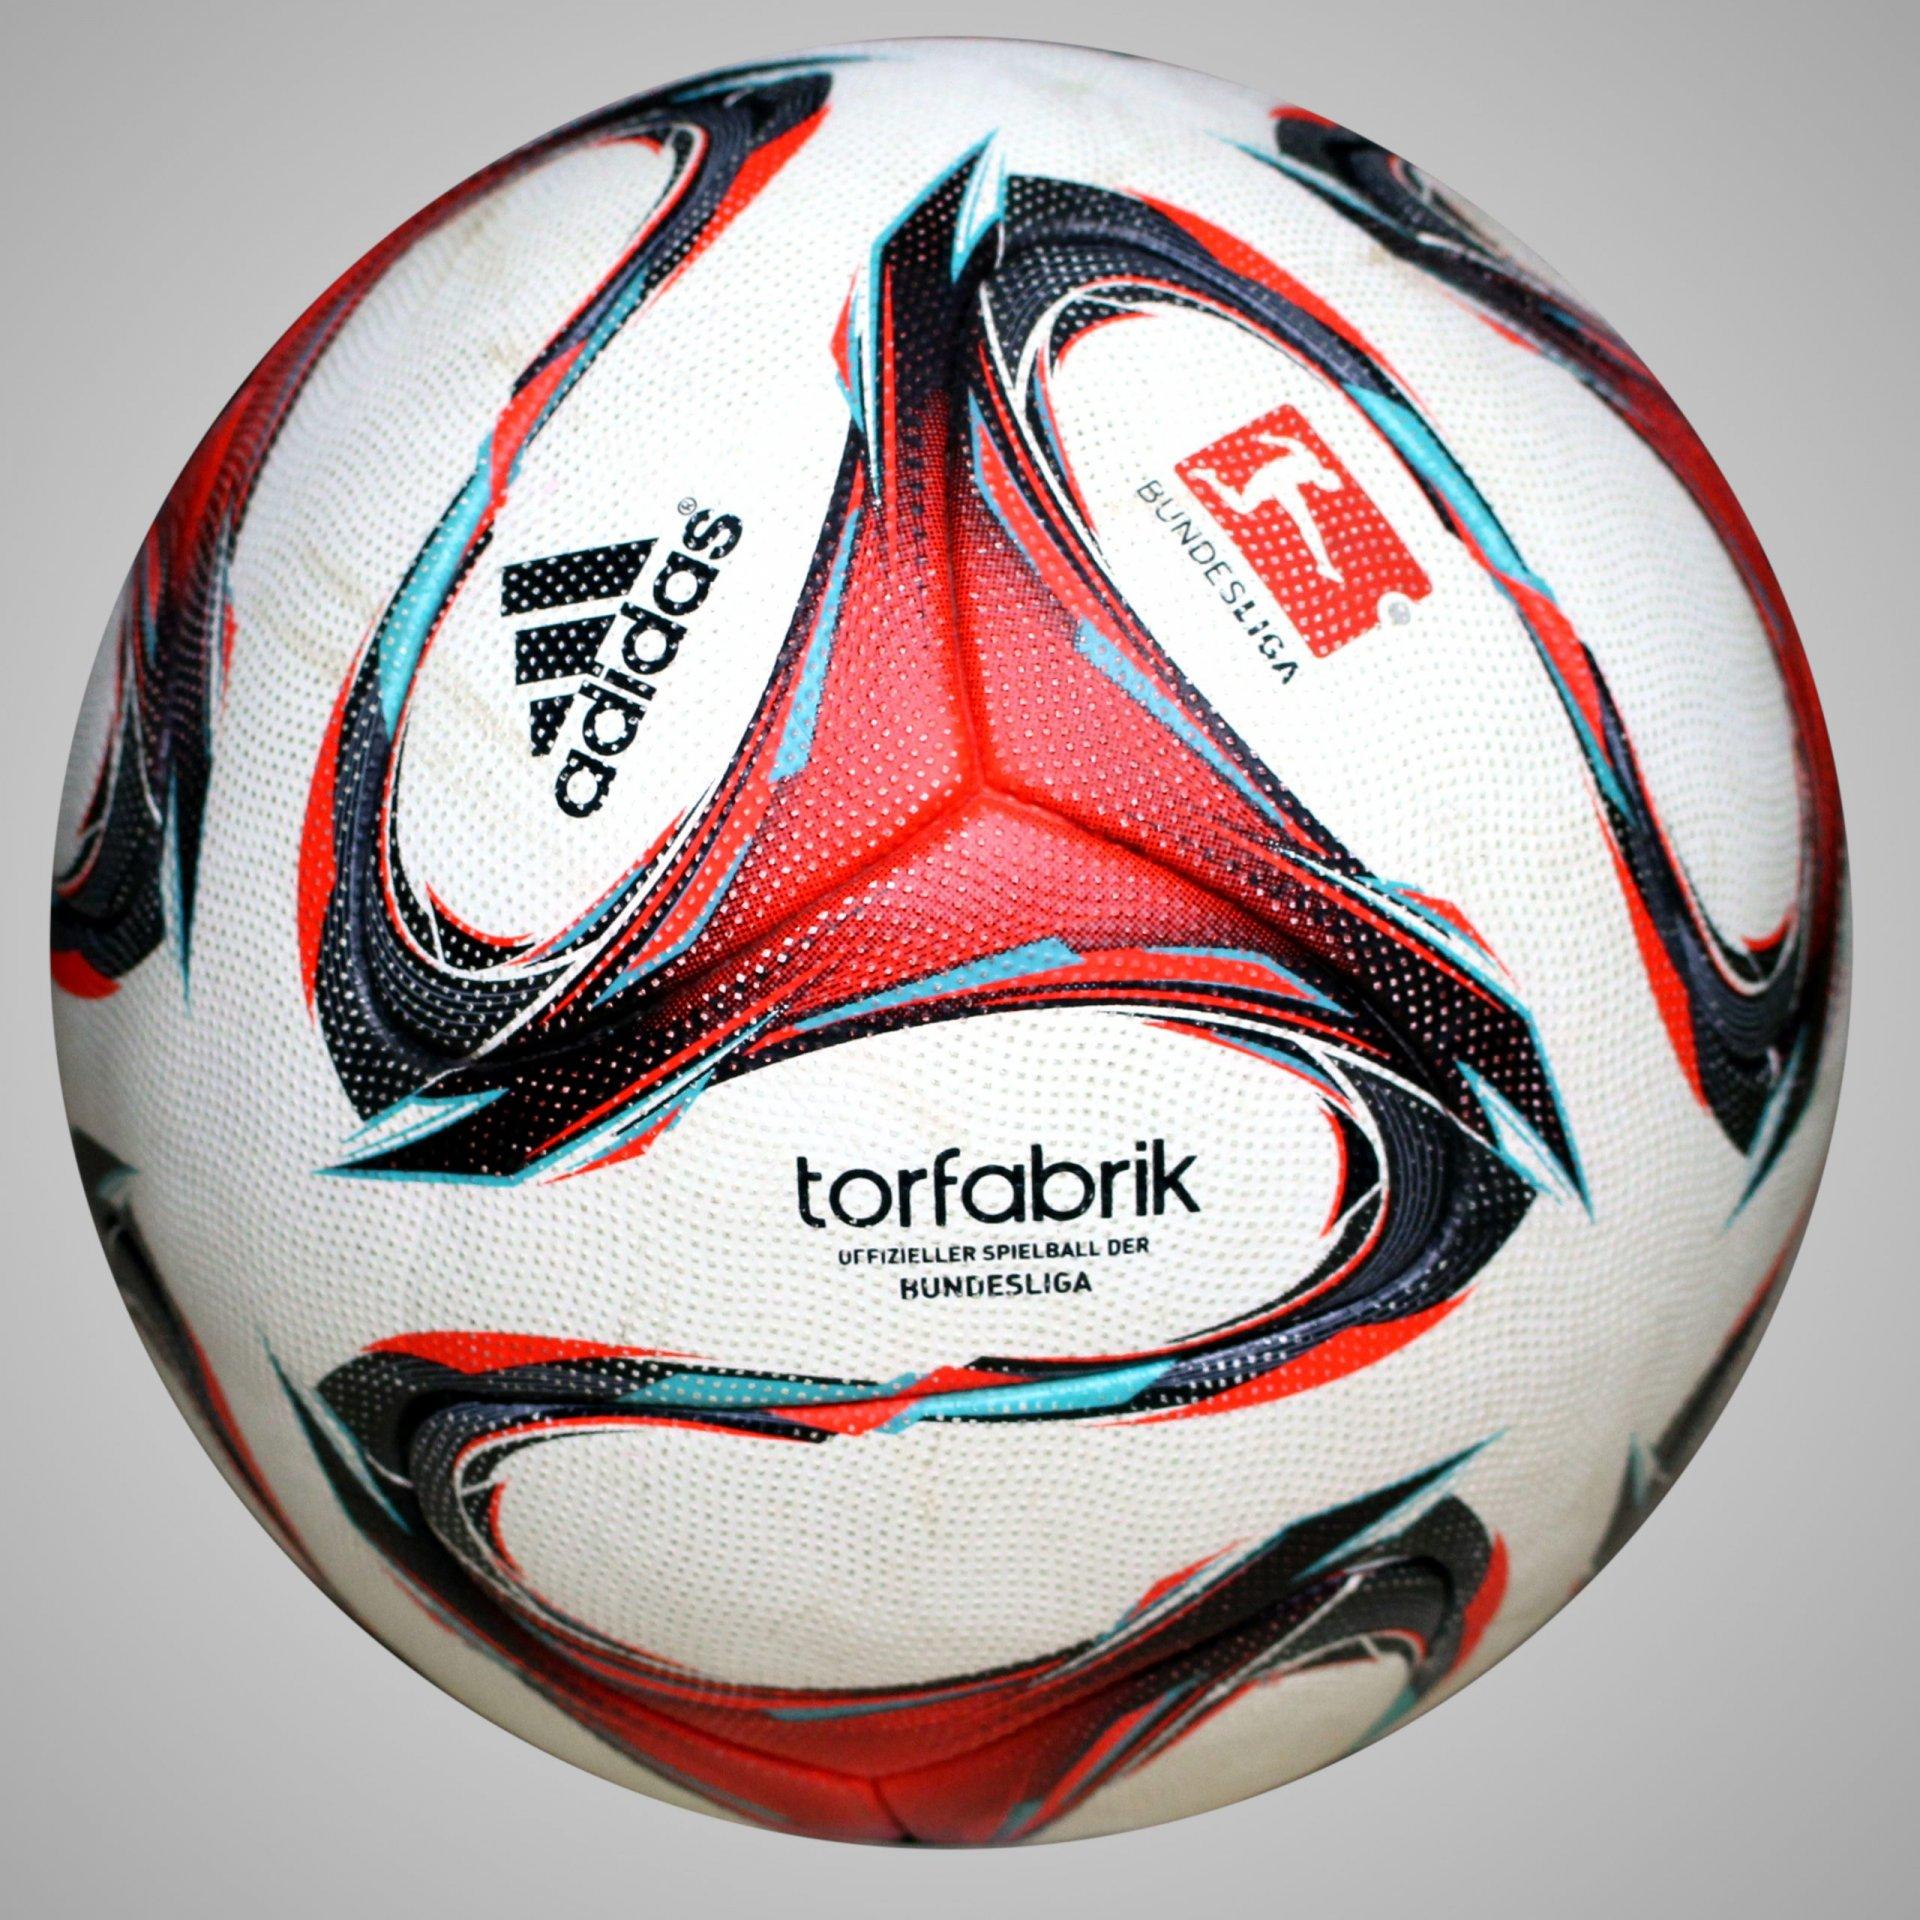 Adidas Torfabrik 2014 Official Matchball